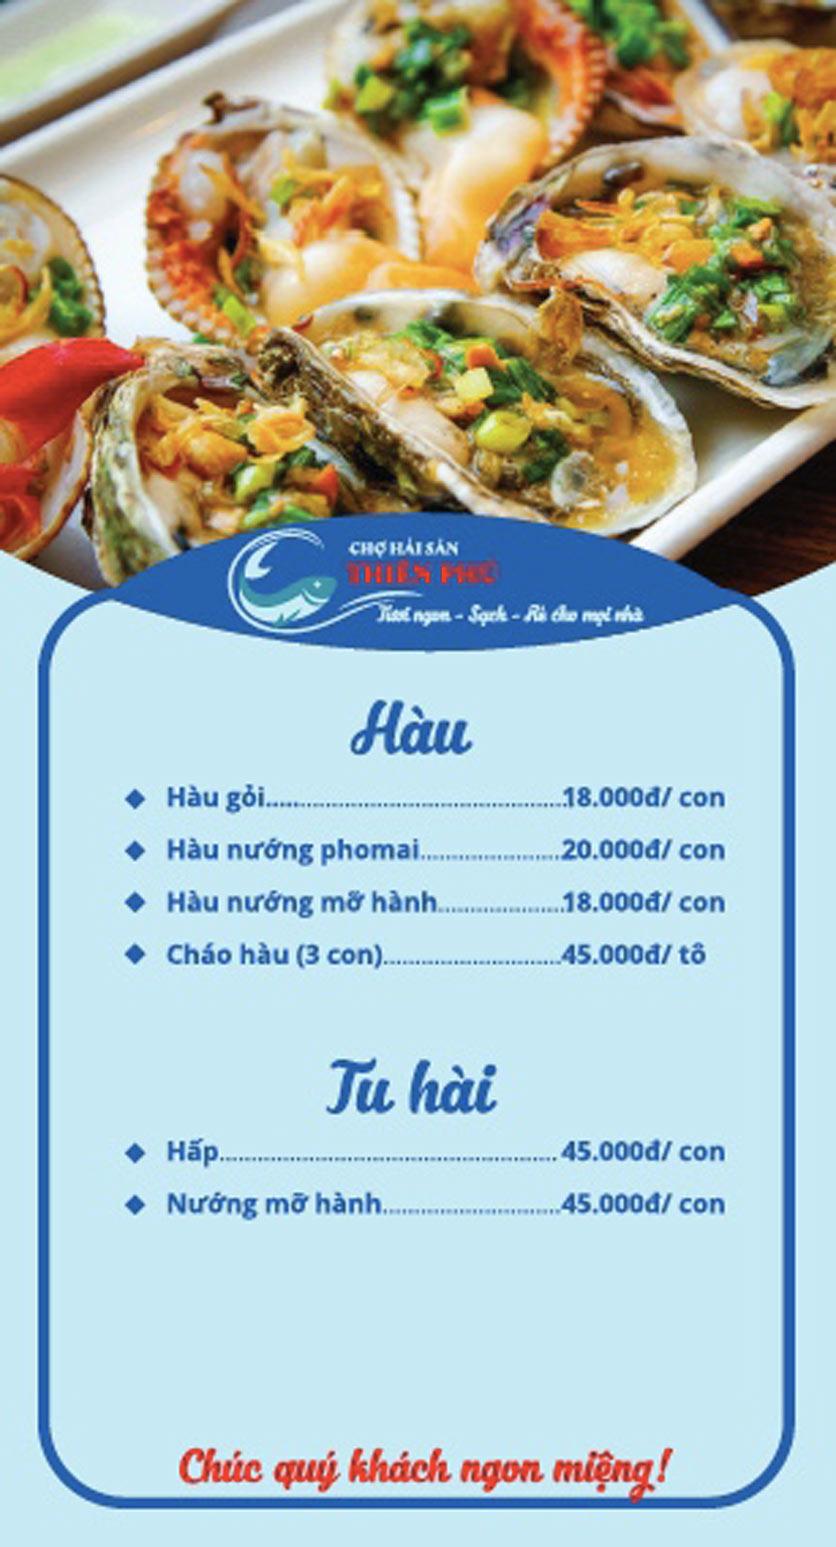 Menu Chợ Hải Sản Thiên Phú - KĐT Văn Phú 4